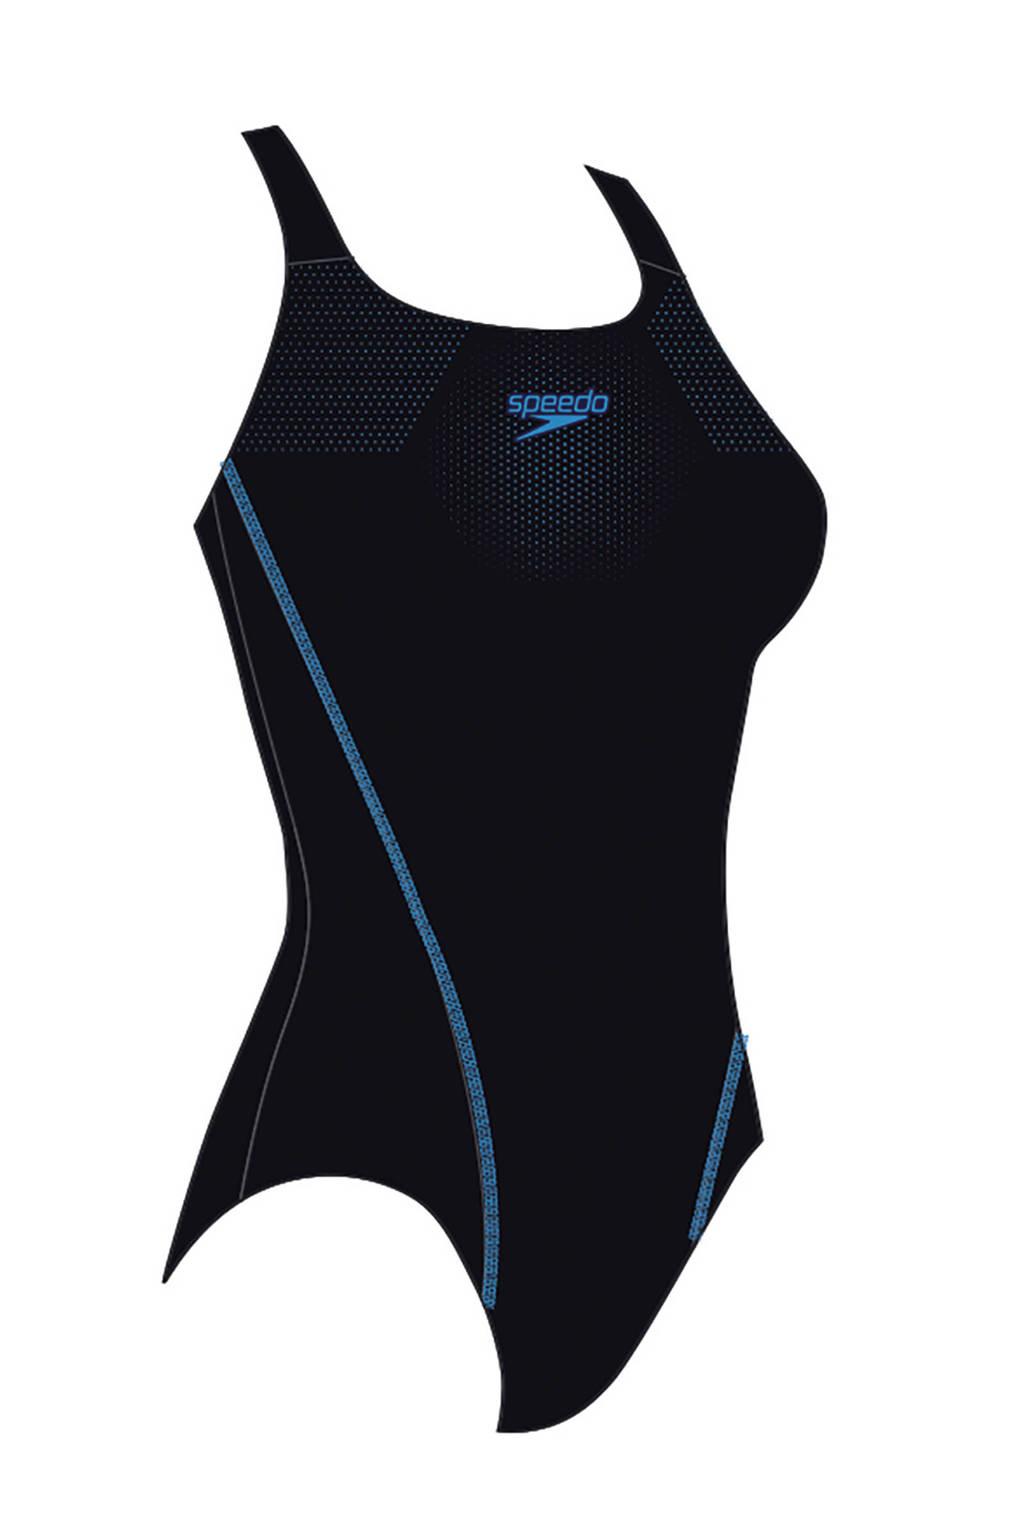 Speedo Endurance10 sportbadpak Medalist zwart/blauw, Zwart/blauw